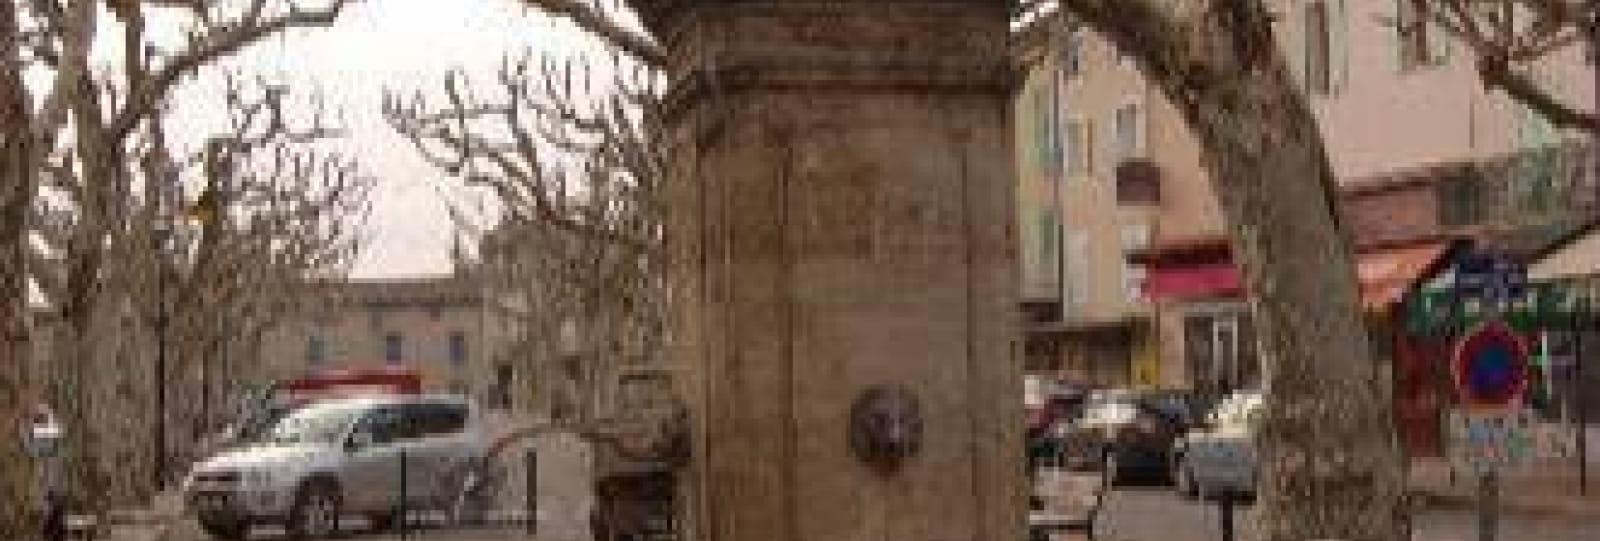 Le Cours et les deux fontaines